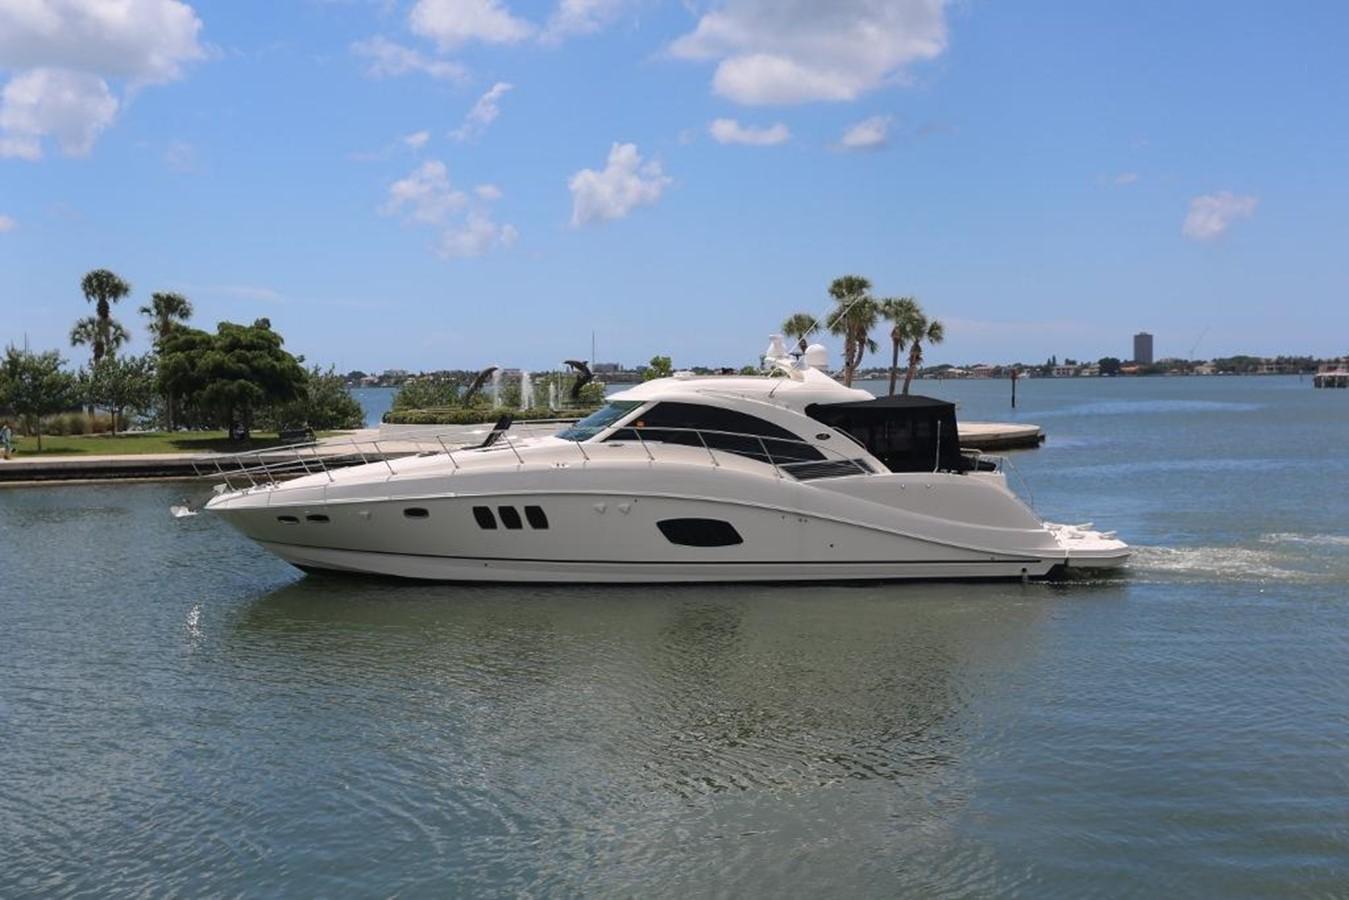 2010 Sea Ray 580 Sundancer For Sale